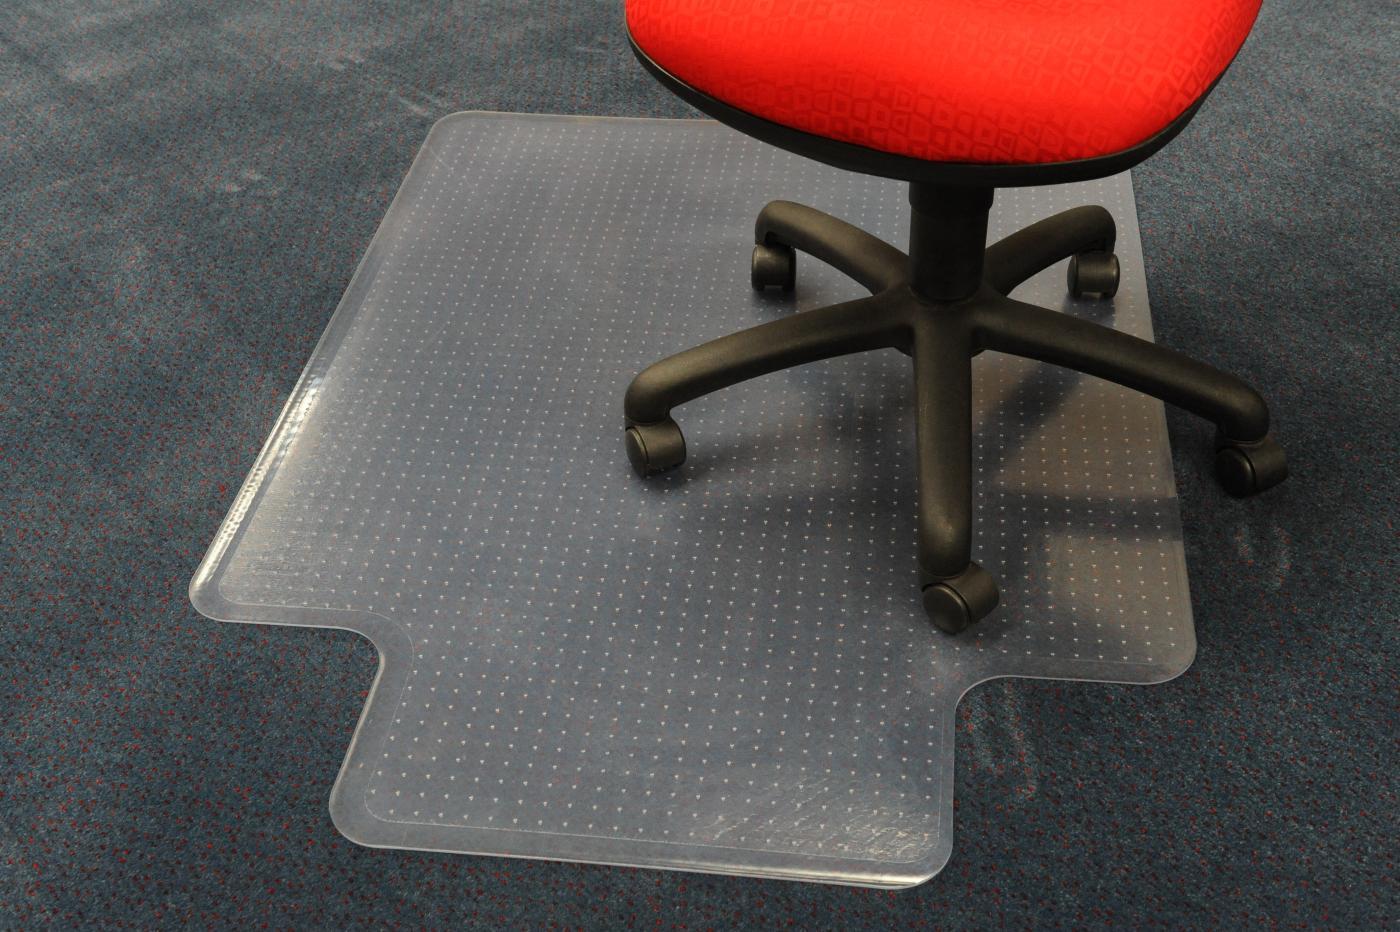 anchormat-medium-pile-chair-mat